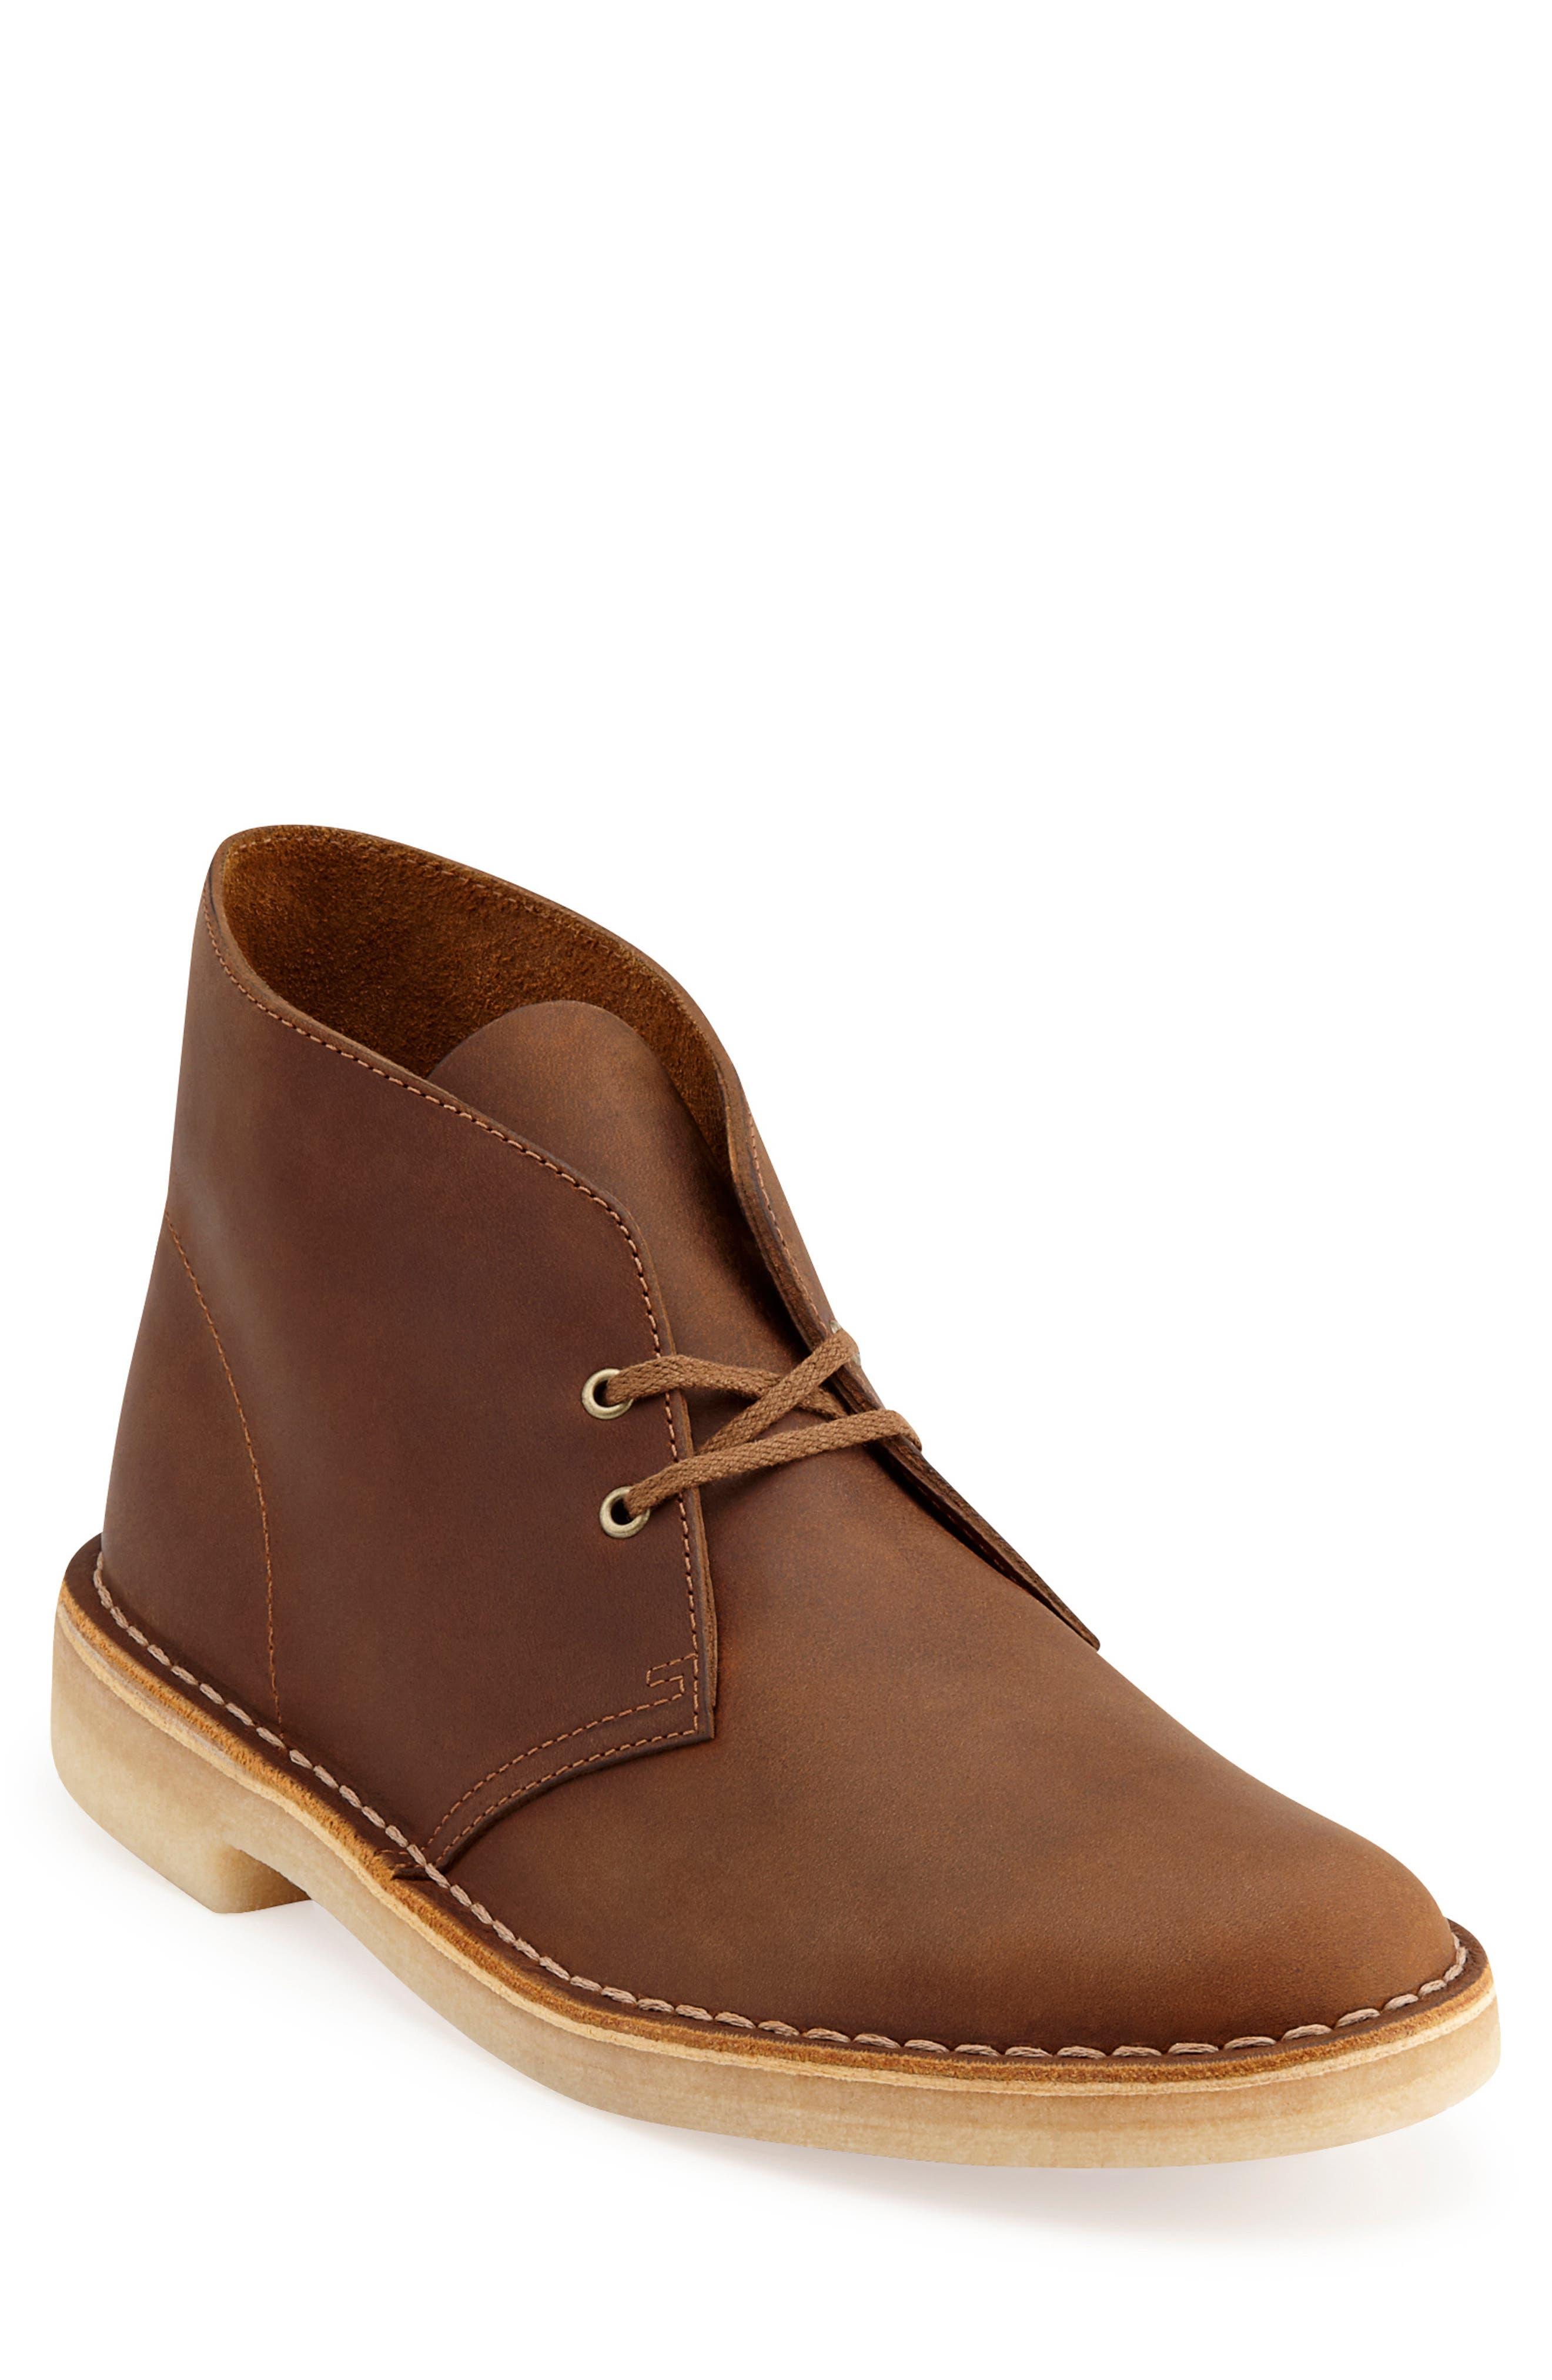 Mens Vintage Style Shoes & Boots| Retro Classic Shoes Mens Clarks Originals Desert Boot $130.00 AT vintagedancer.com